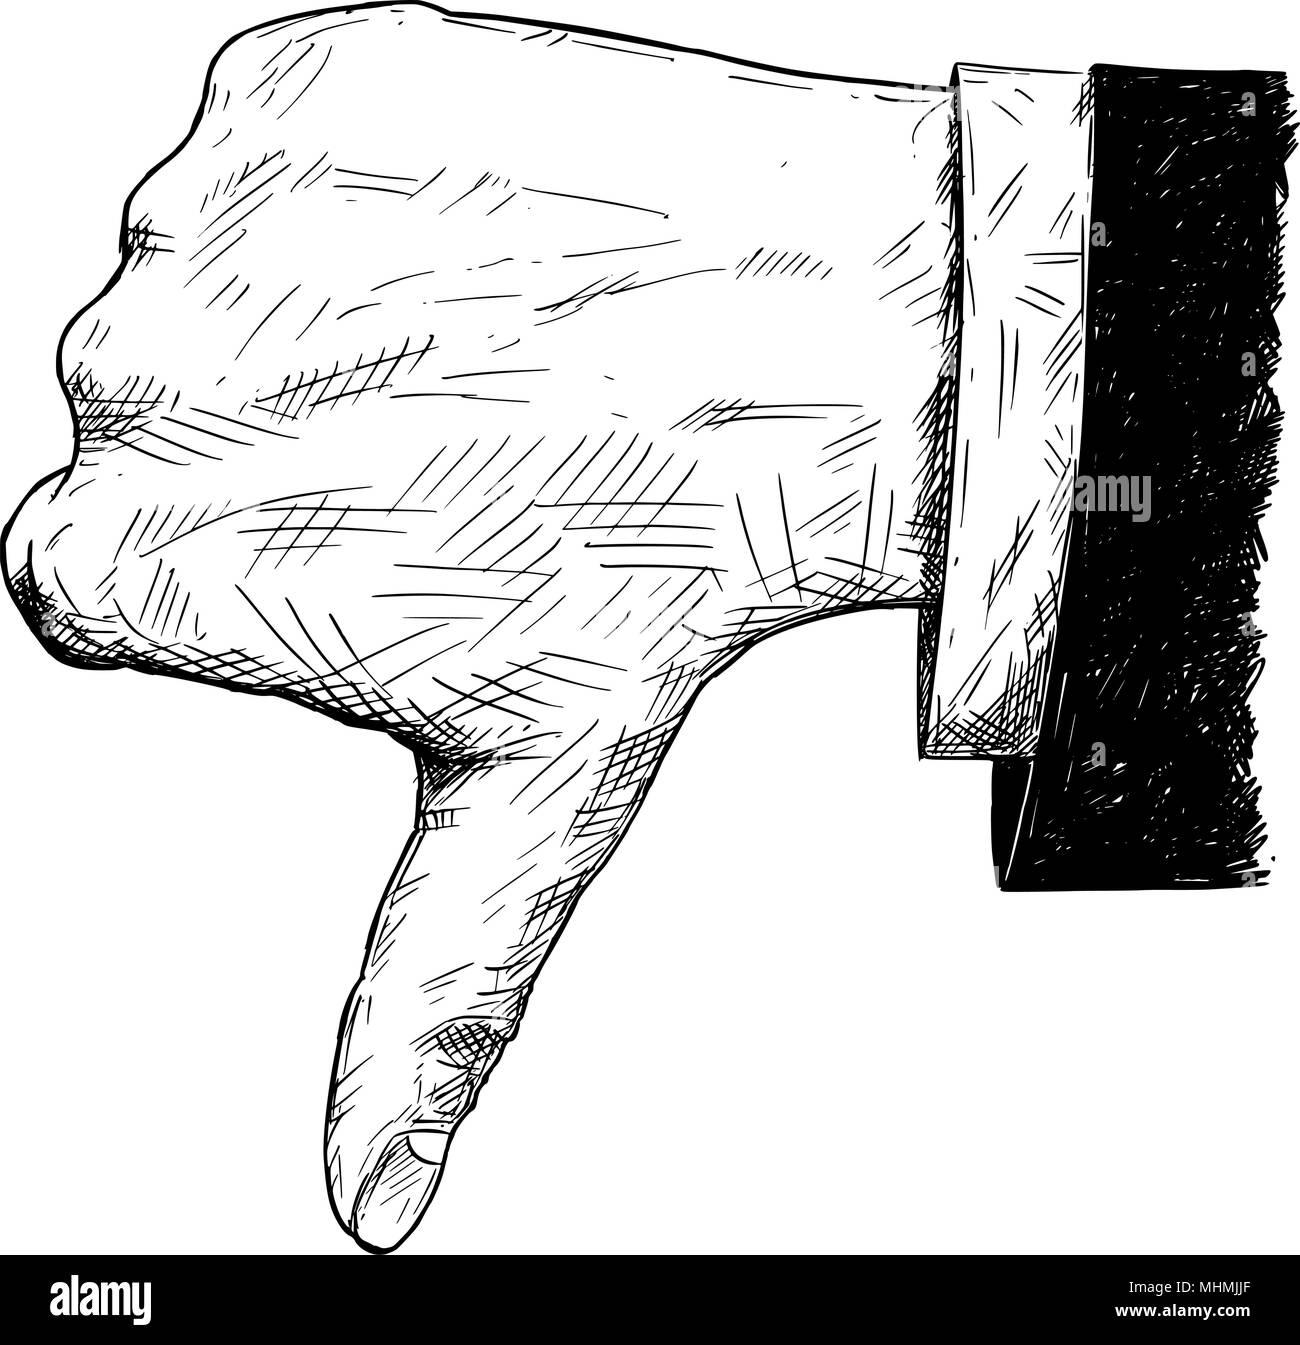 Vettore illustrazione artistica o disegno di pollice giù imprenditore mano nella tuta gesto Immagini Stock